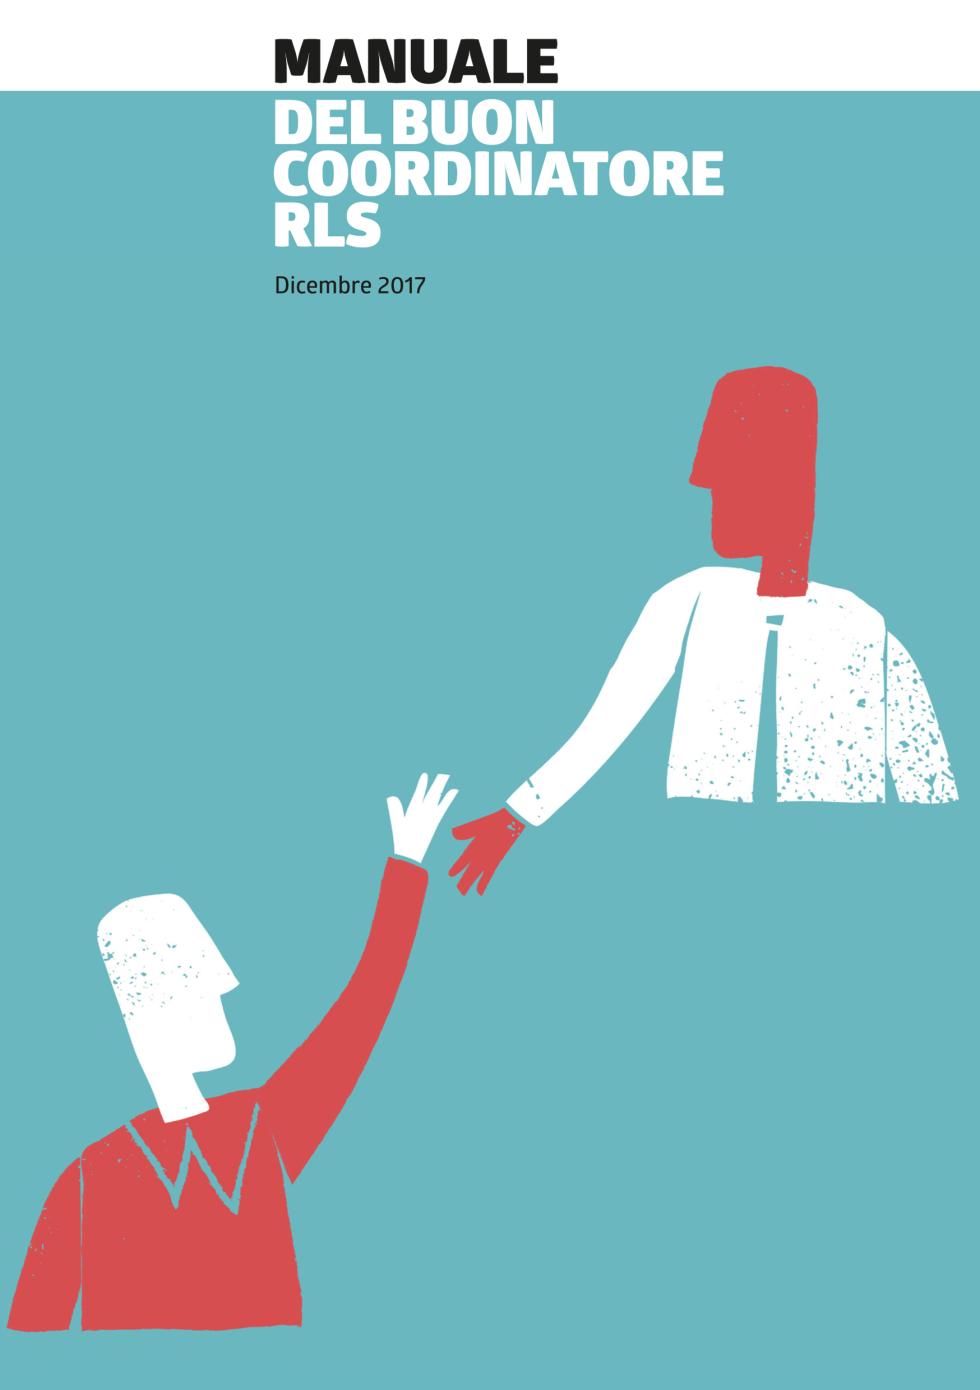 Manuale del buon coordinatore RLS